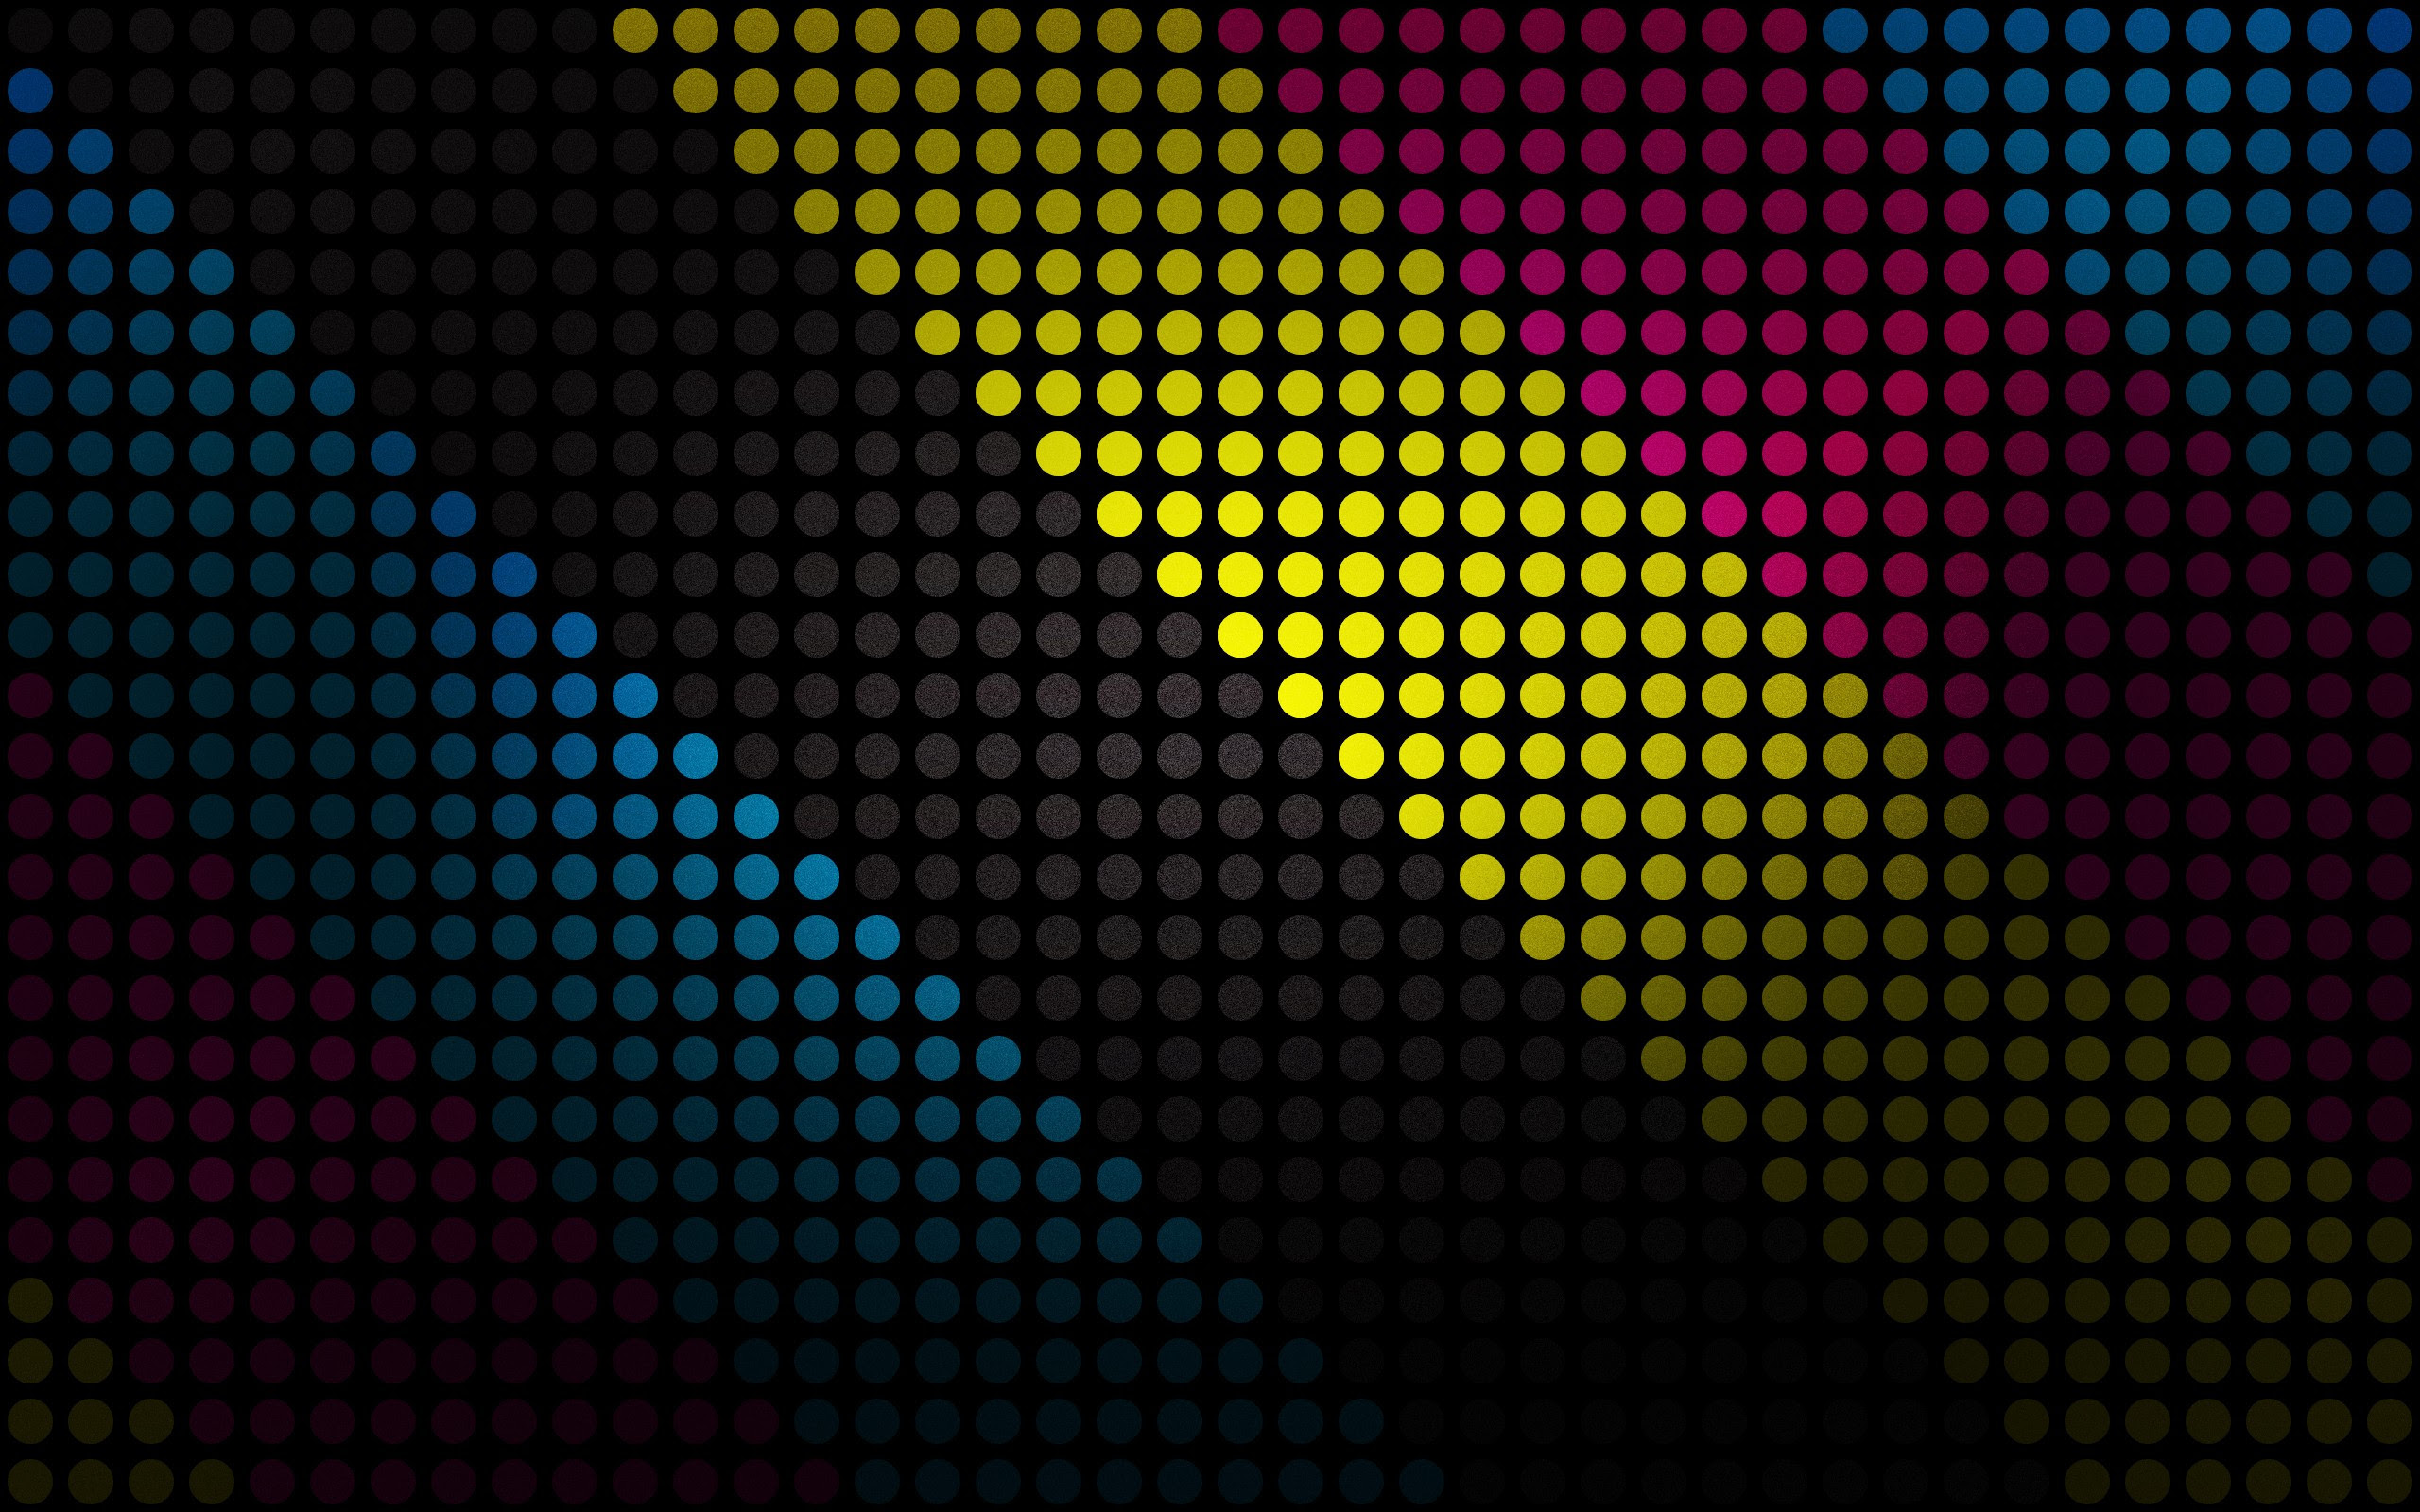 Download 300 Wallpaper Black Hd Super Amoled  Terbaru